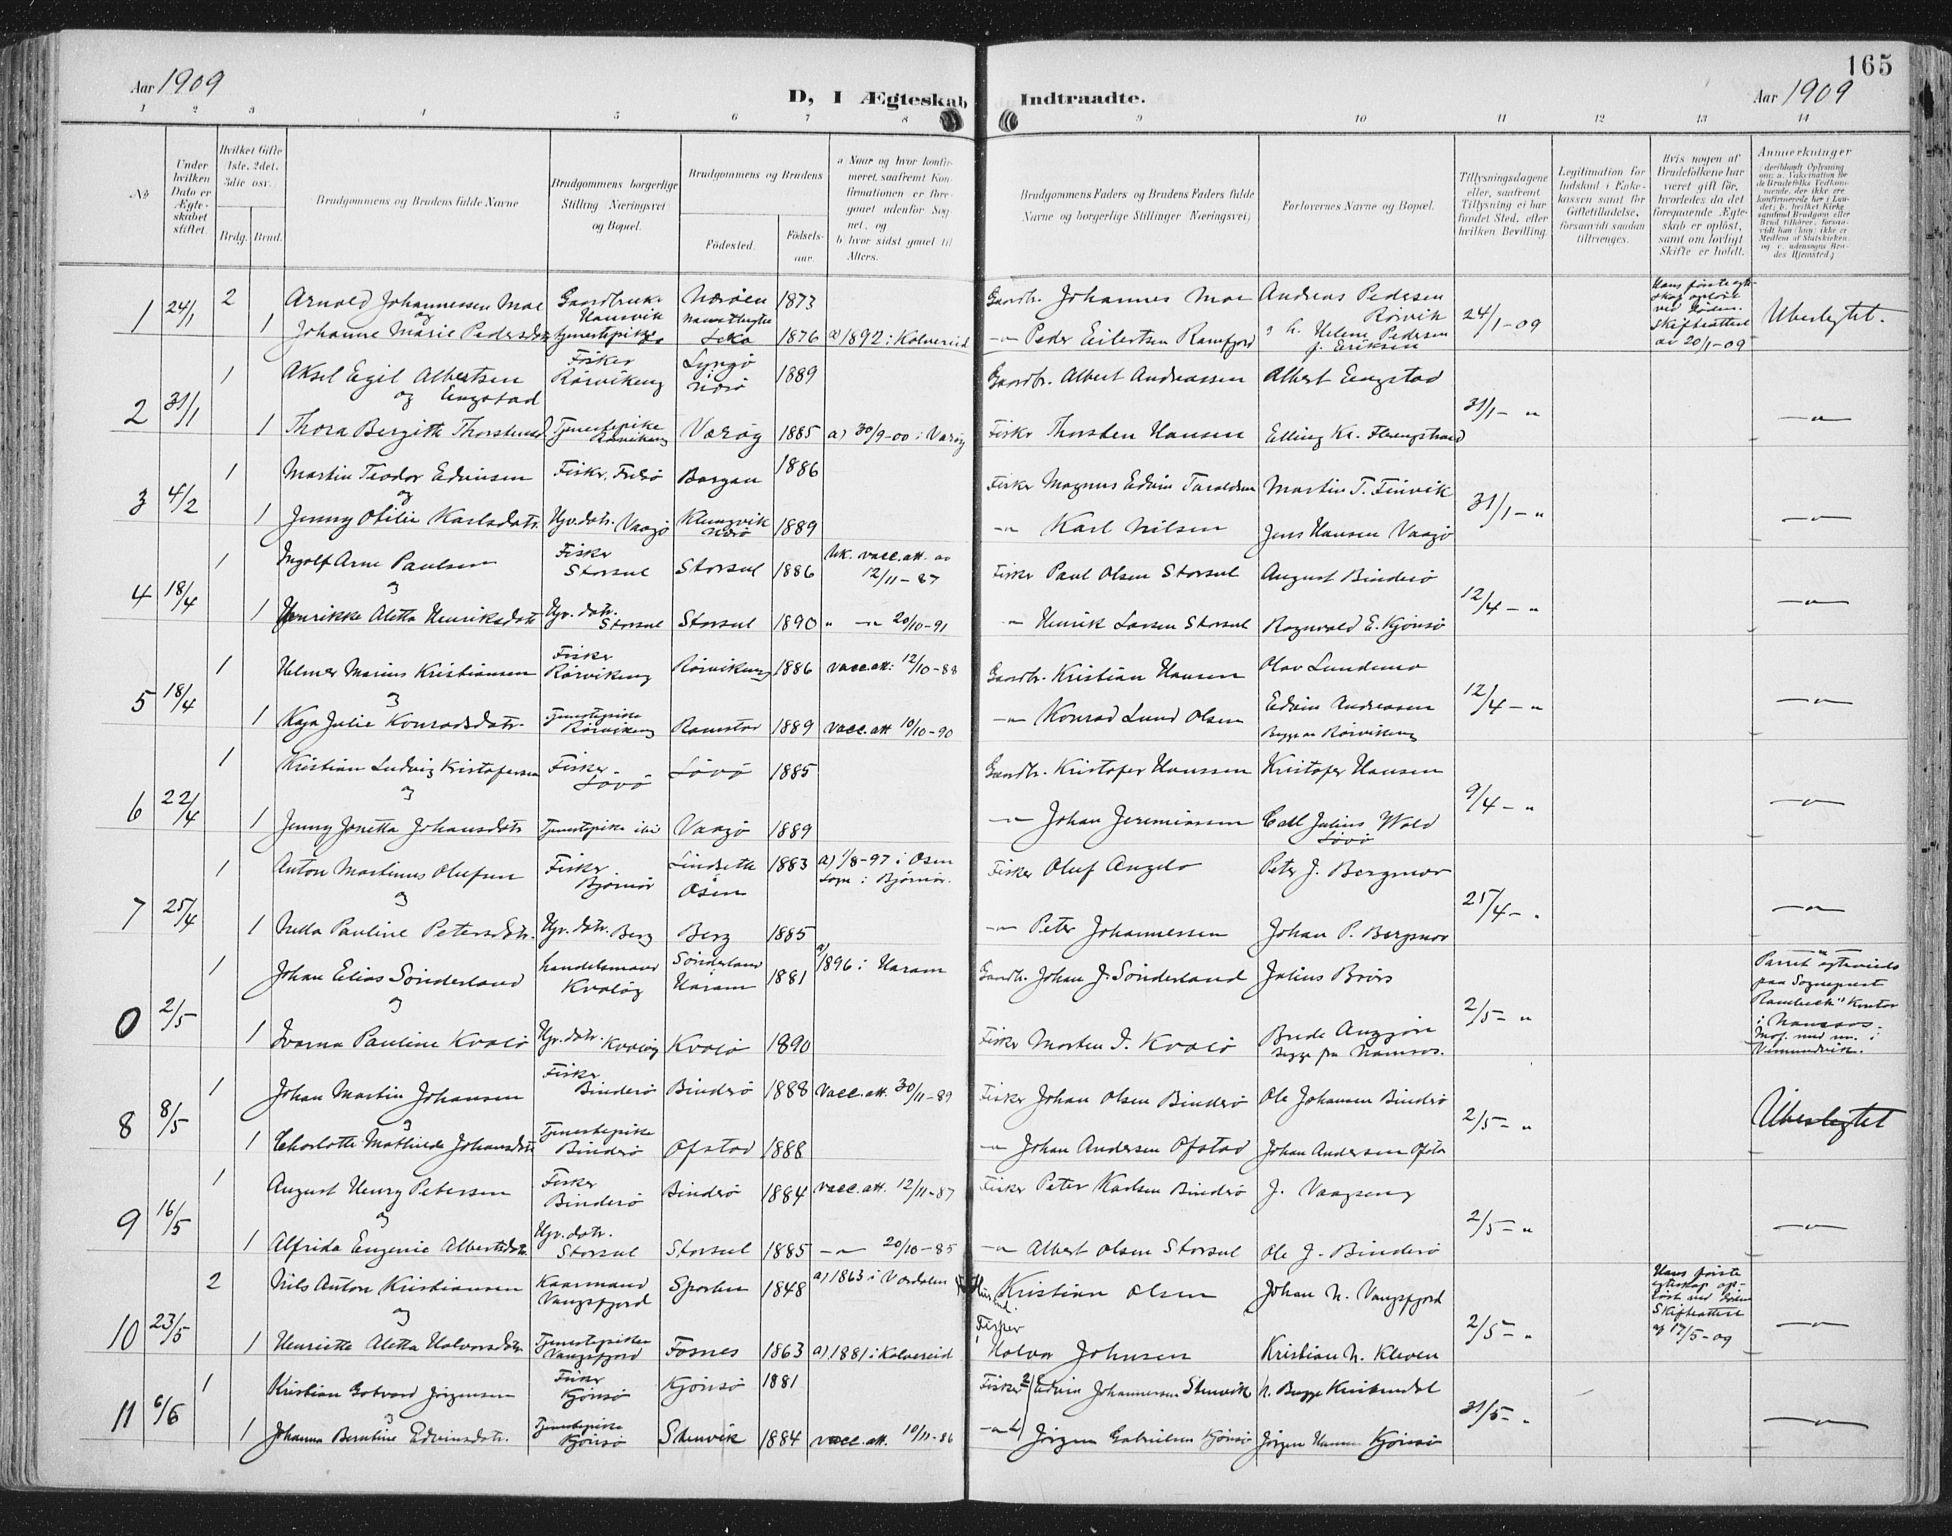 SAT, Ministerialprotokoller, klokkerbøker og fødselsregistre - Nord-Trøndelag, 786/L0688: Ministerialbok nr. 786A04, 1899-1912, s. 165